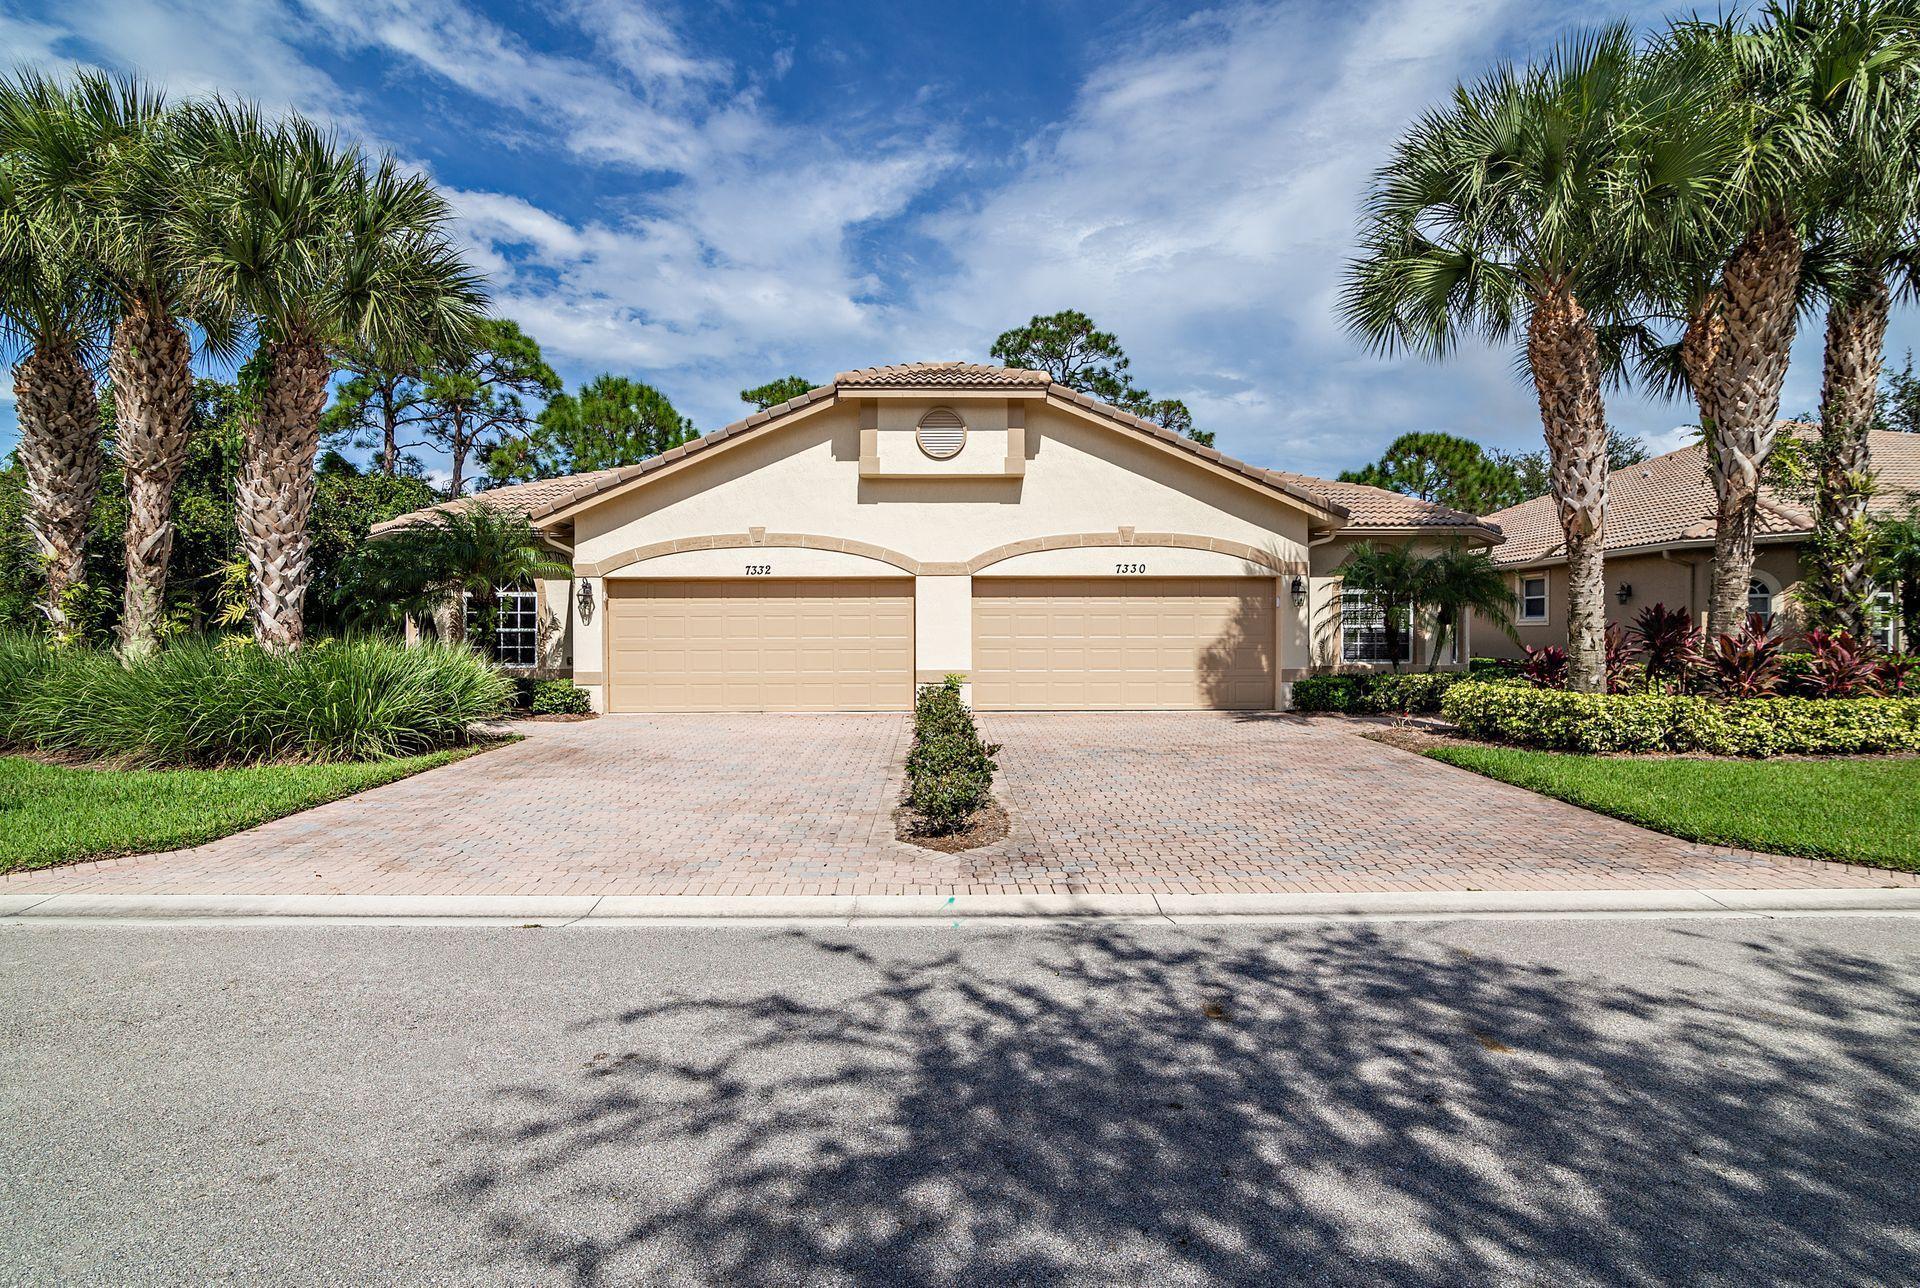 7332  Sea Pines Court, Port Saint Lucie, Florida